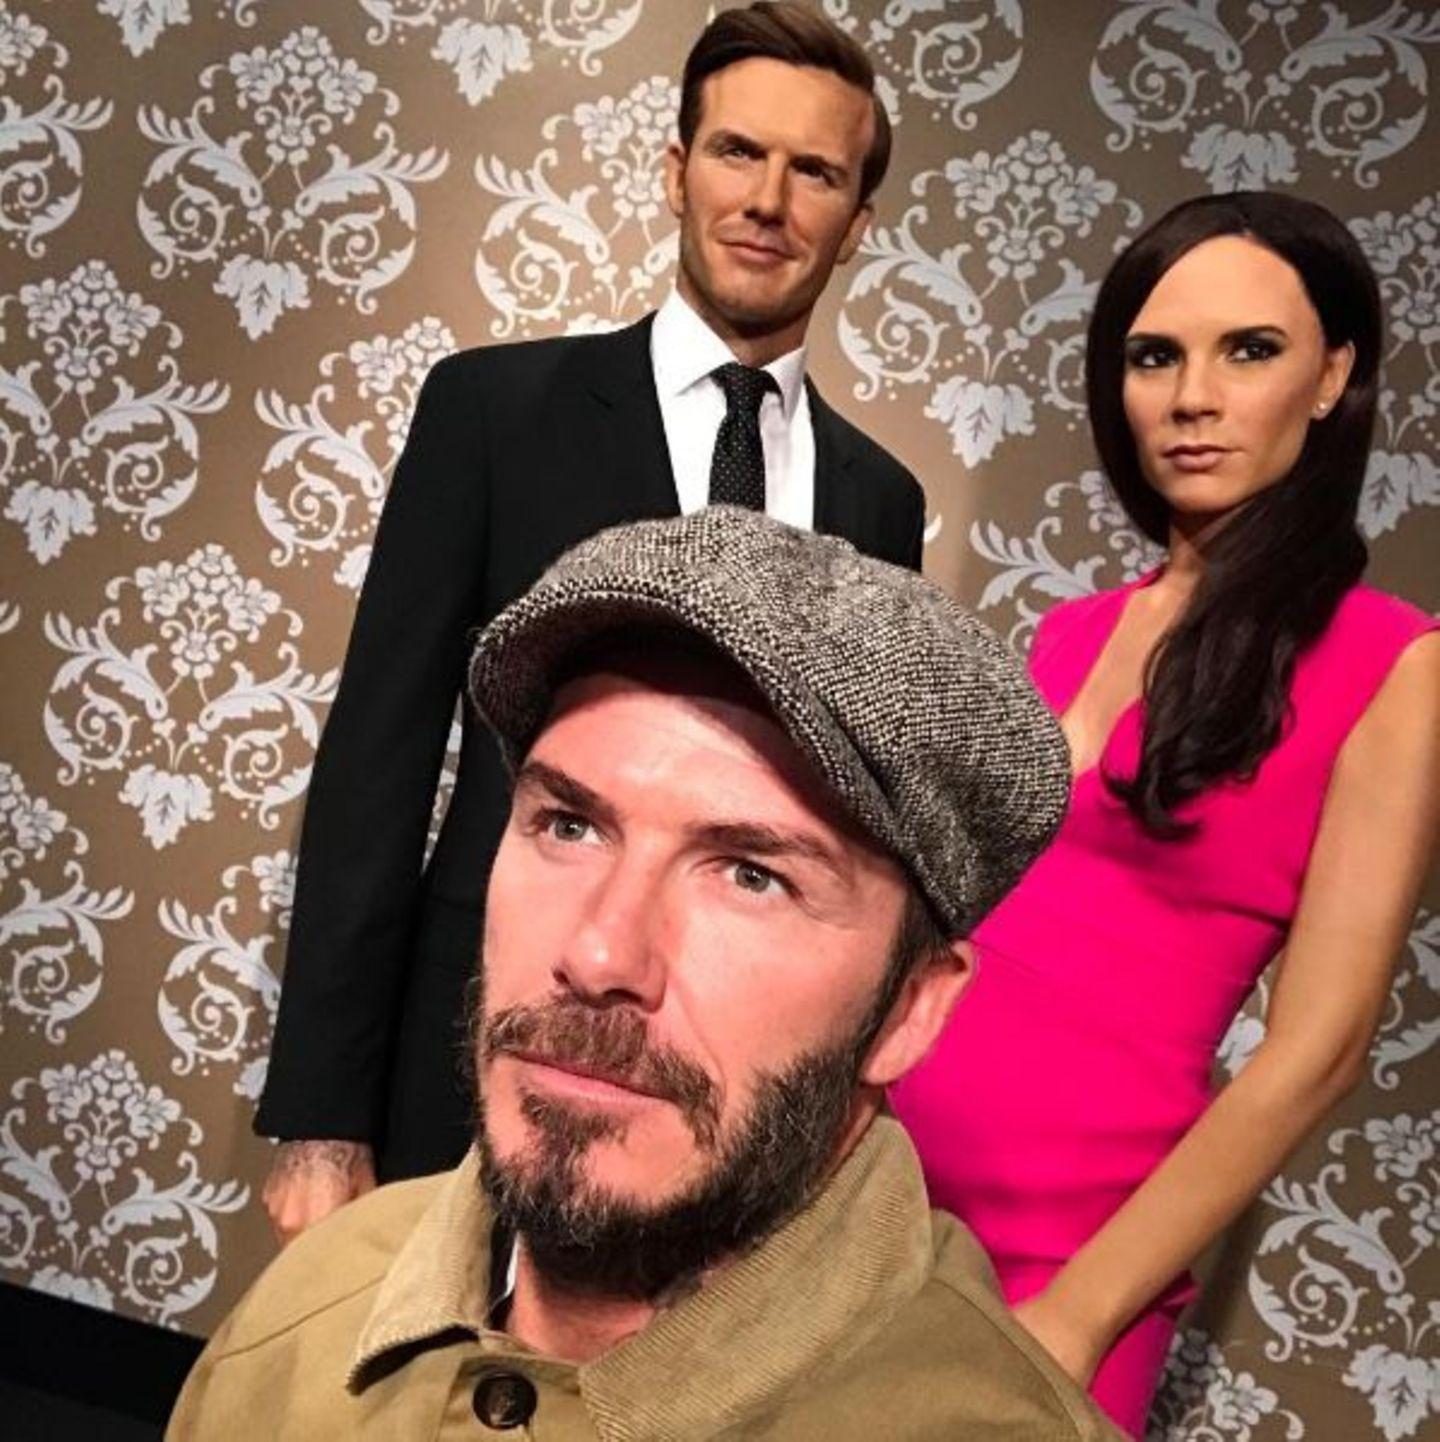 """David Beckham bei Madame Tussauds: Der ehemalige Fußballstar hat ein bezauberndes Wachsfigurenpärchen gefunden. """"Etwas haariger heute, ich natürlich, nicht meine Frau."""" - scherzt Becks."""